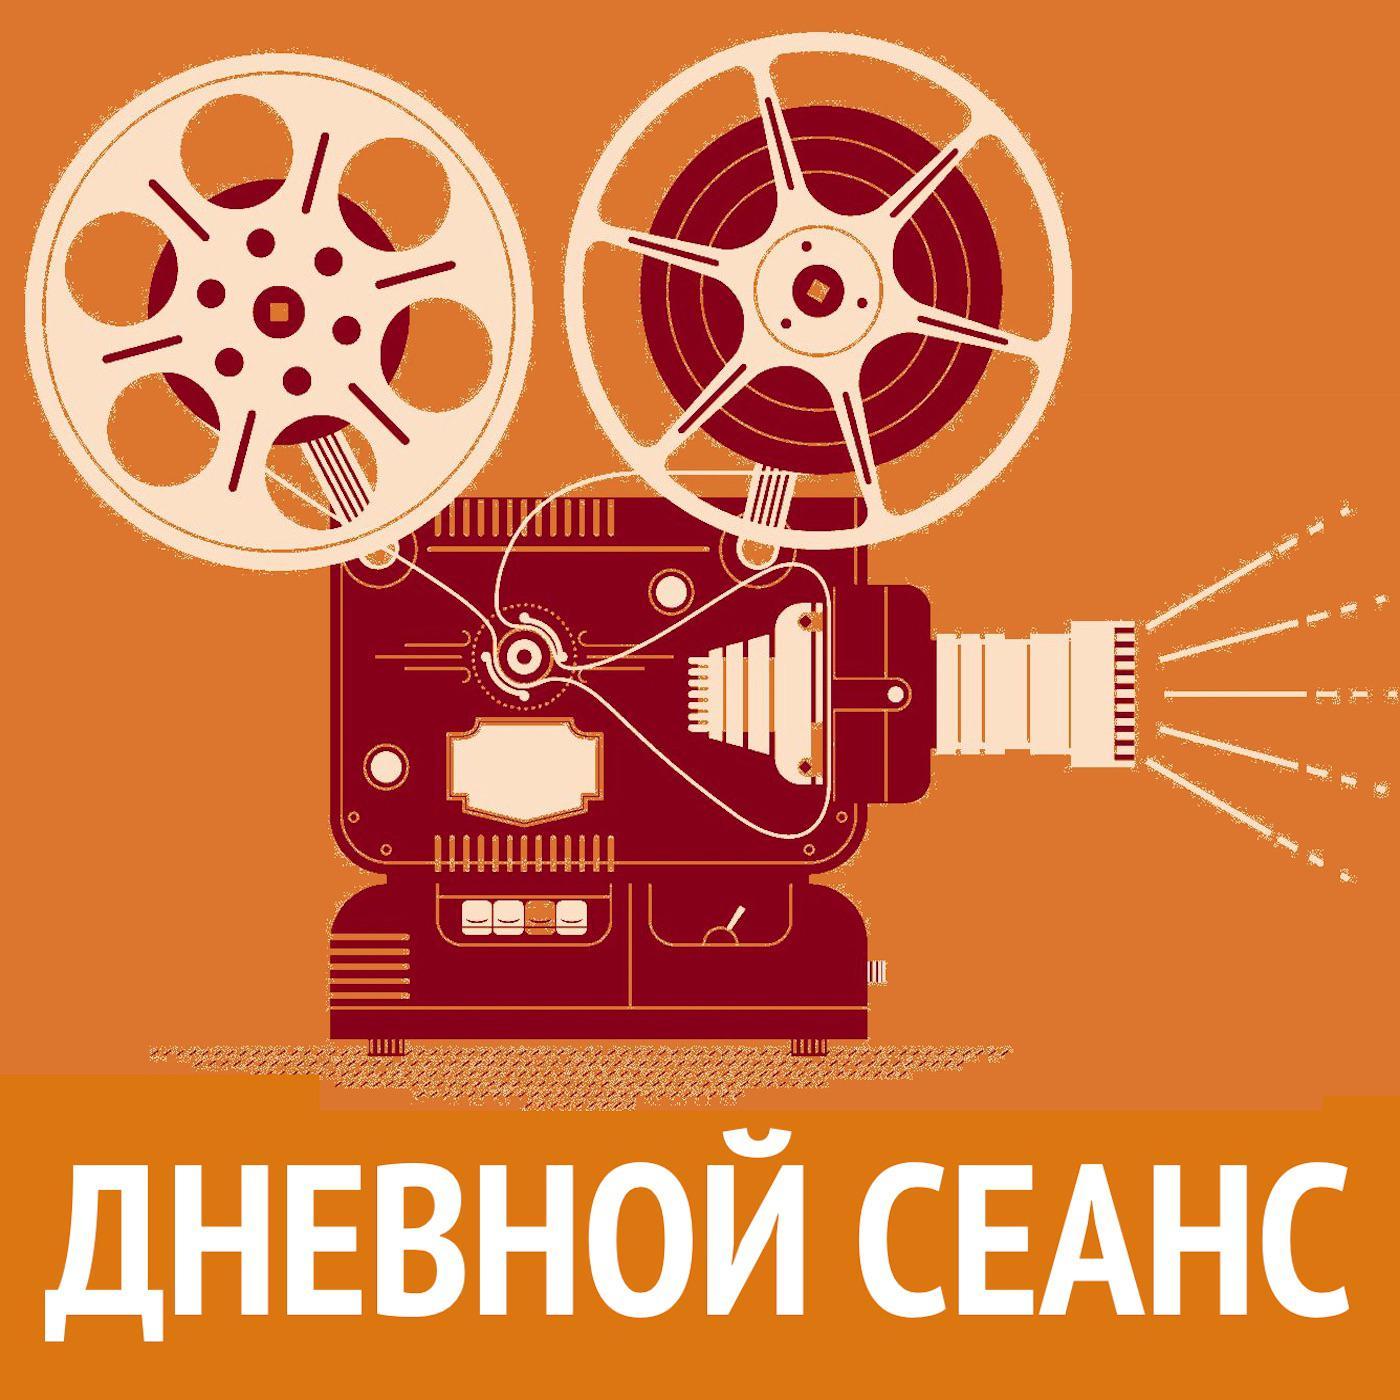 цена Илья Либман Турецкое кино в программе онлайн в 2017 году